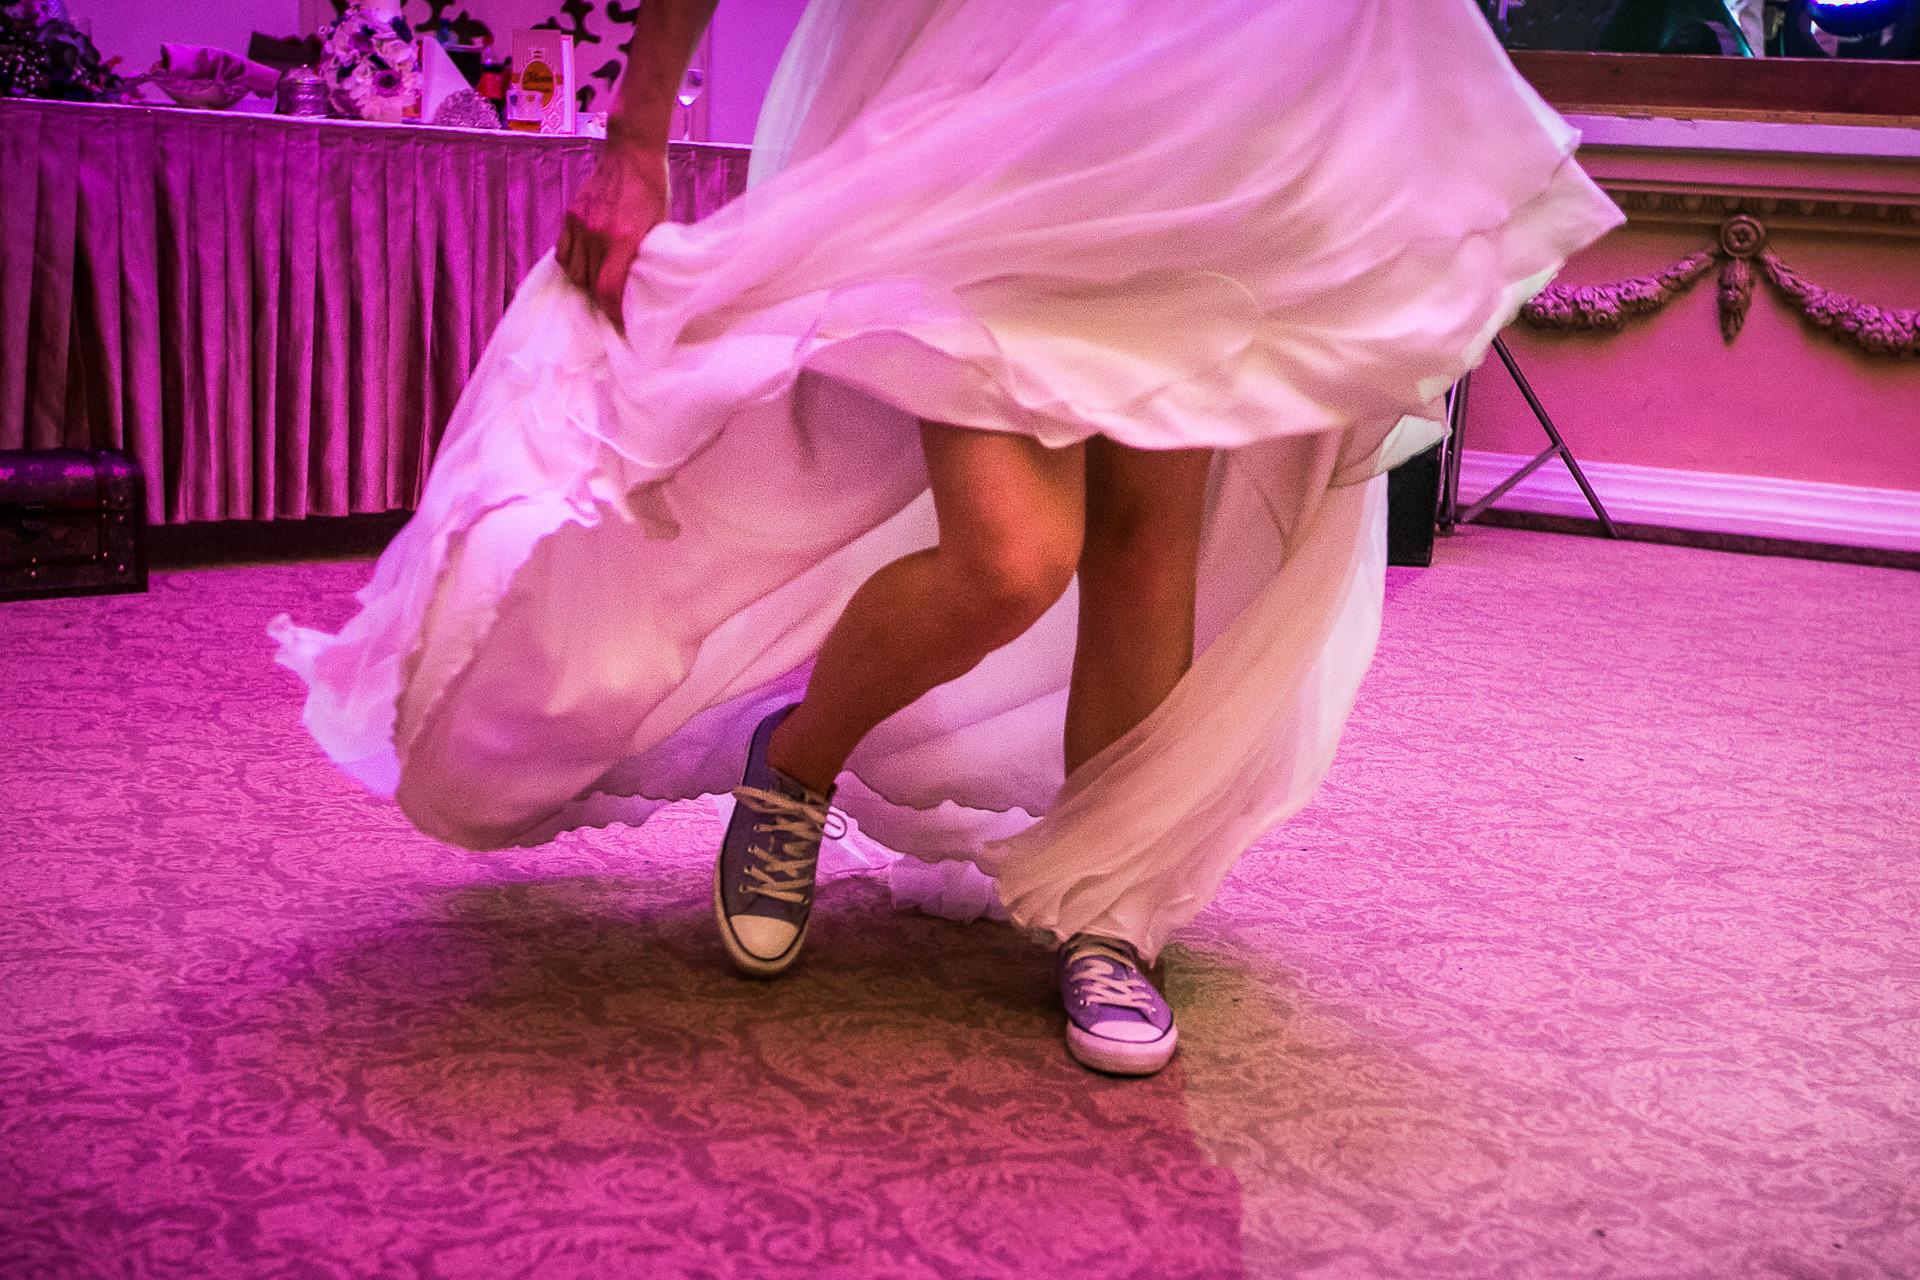 nuntă Salon Elisabeta - Elena şi Costin - Mihai Zaharia Photography - 095